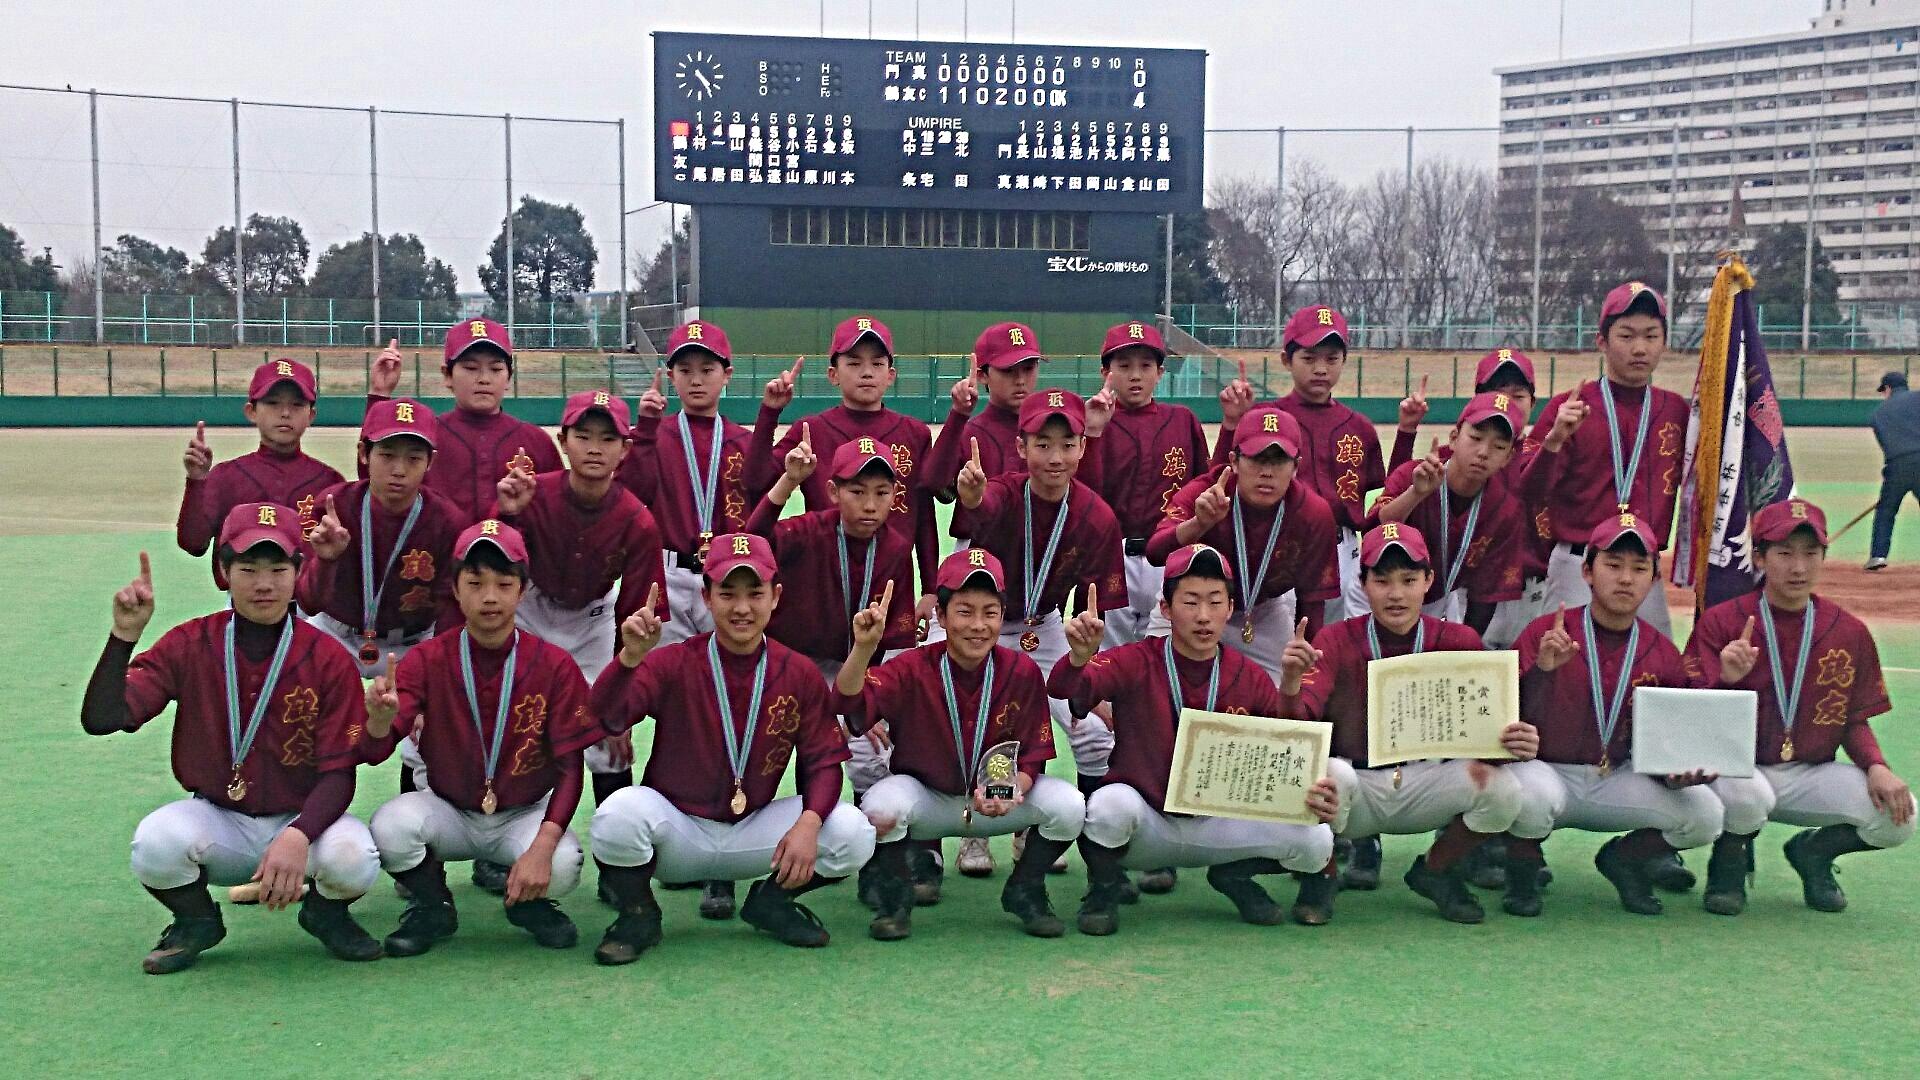 第33回 新春杯大会 優勝(2017.3.5 大阪南港中央野球場)